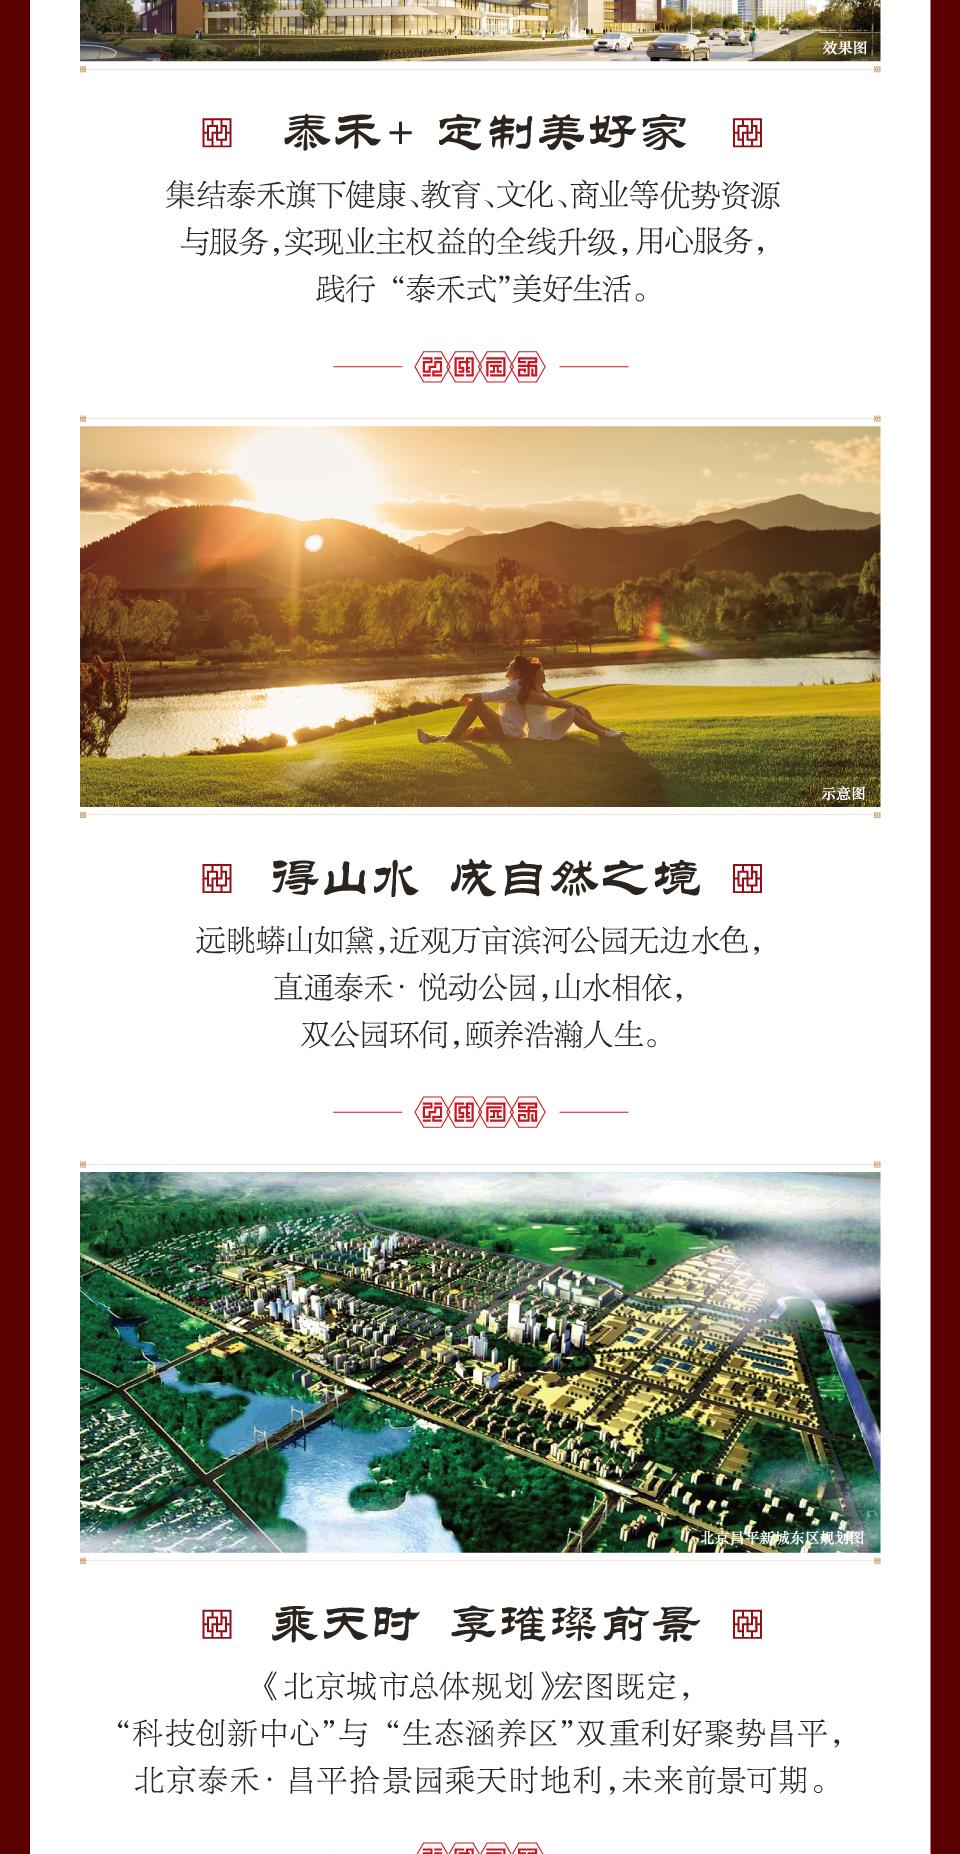 泰禾·昌平拾景园